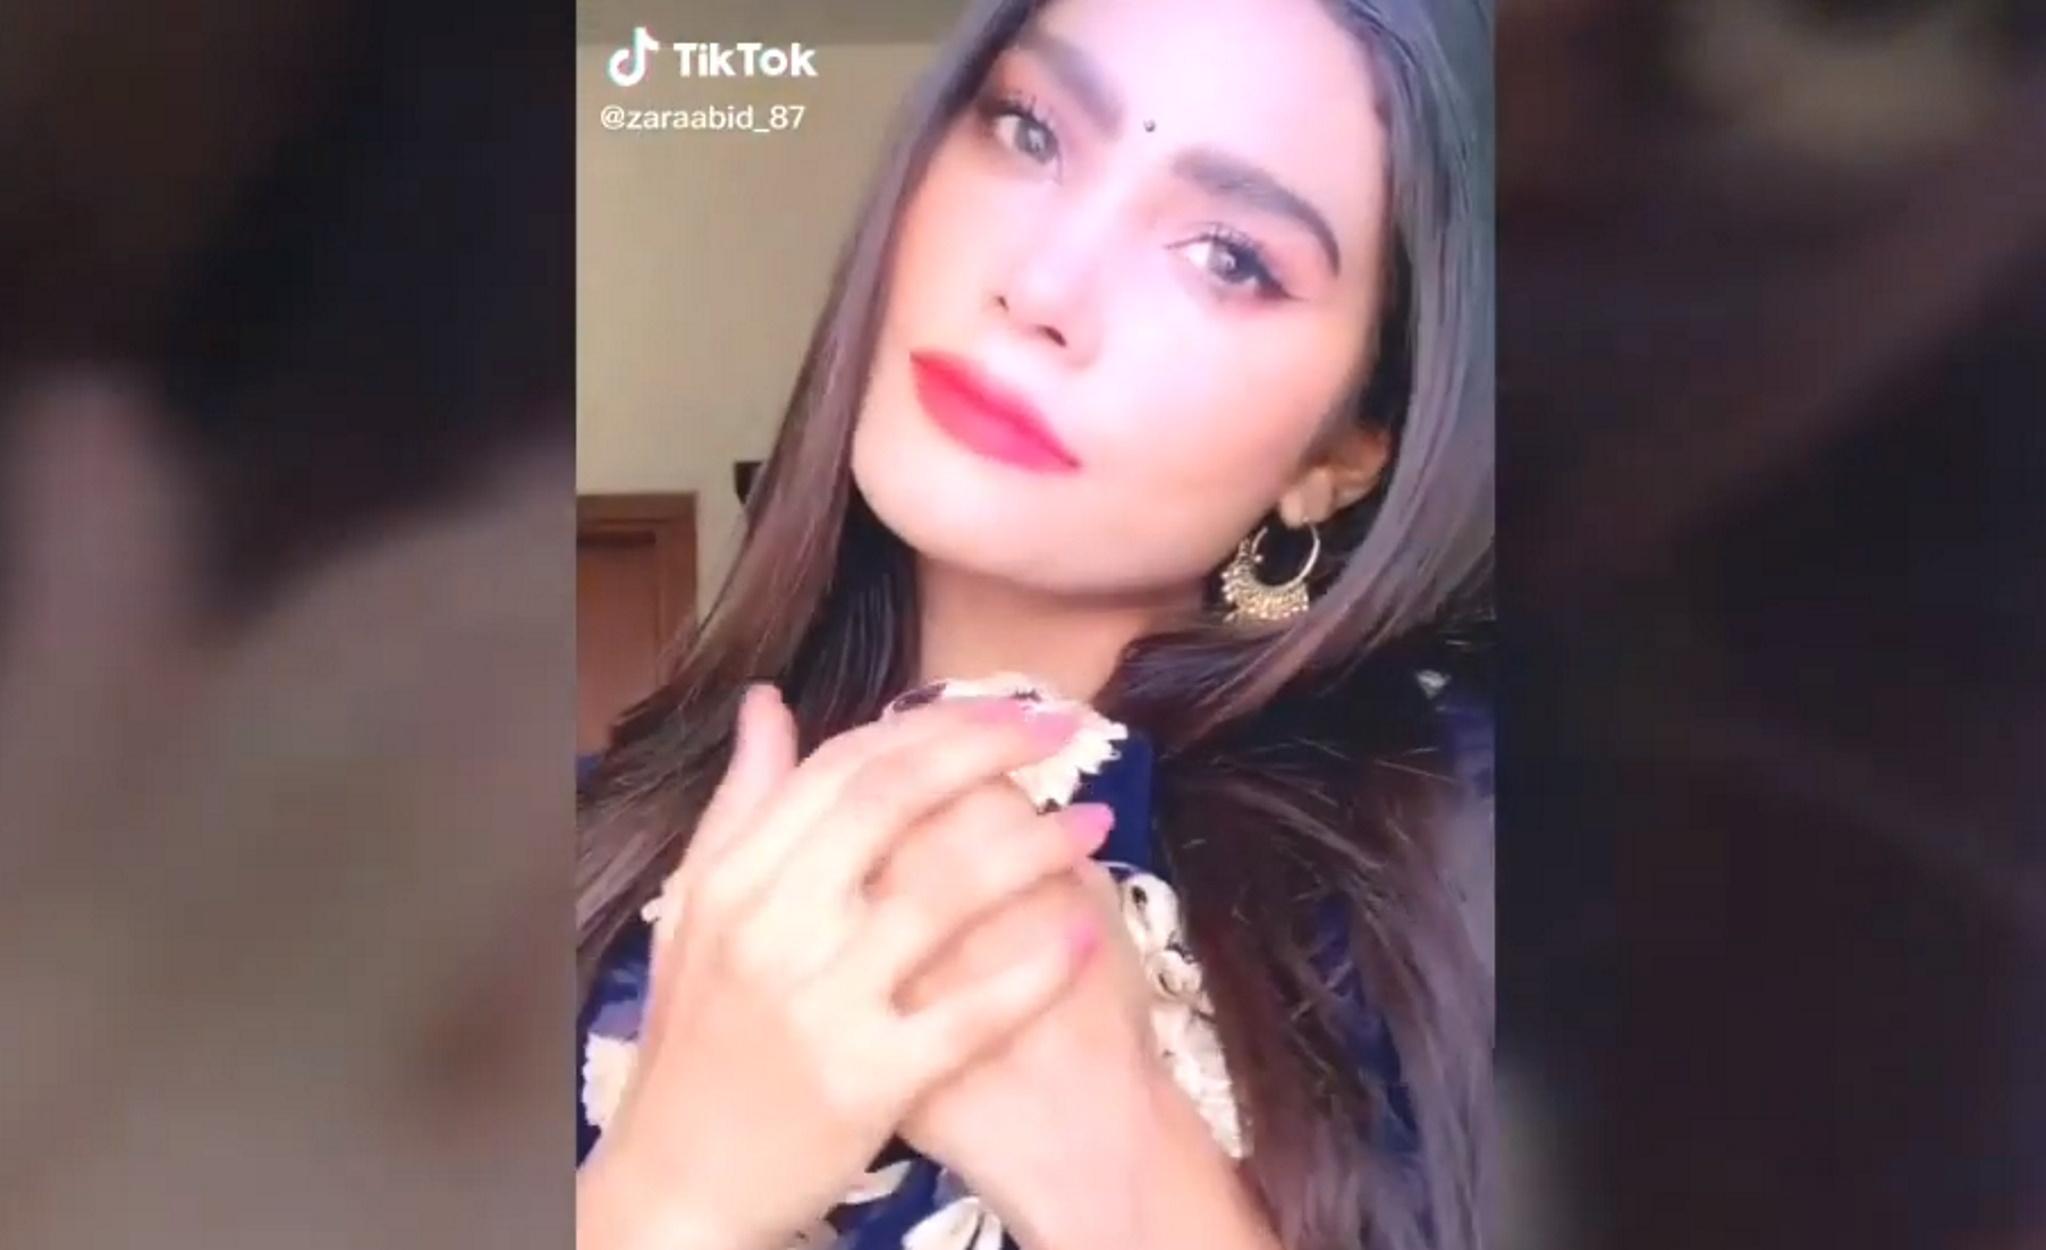 """Πακιστάν: Η διάσημη καλλονή Ζάρα Αμπίντ """"ανάμεσα στους νεκρούς της αεροπορικής τραγωδίας"""" (pics, video)"""